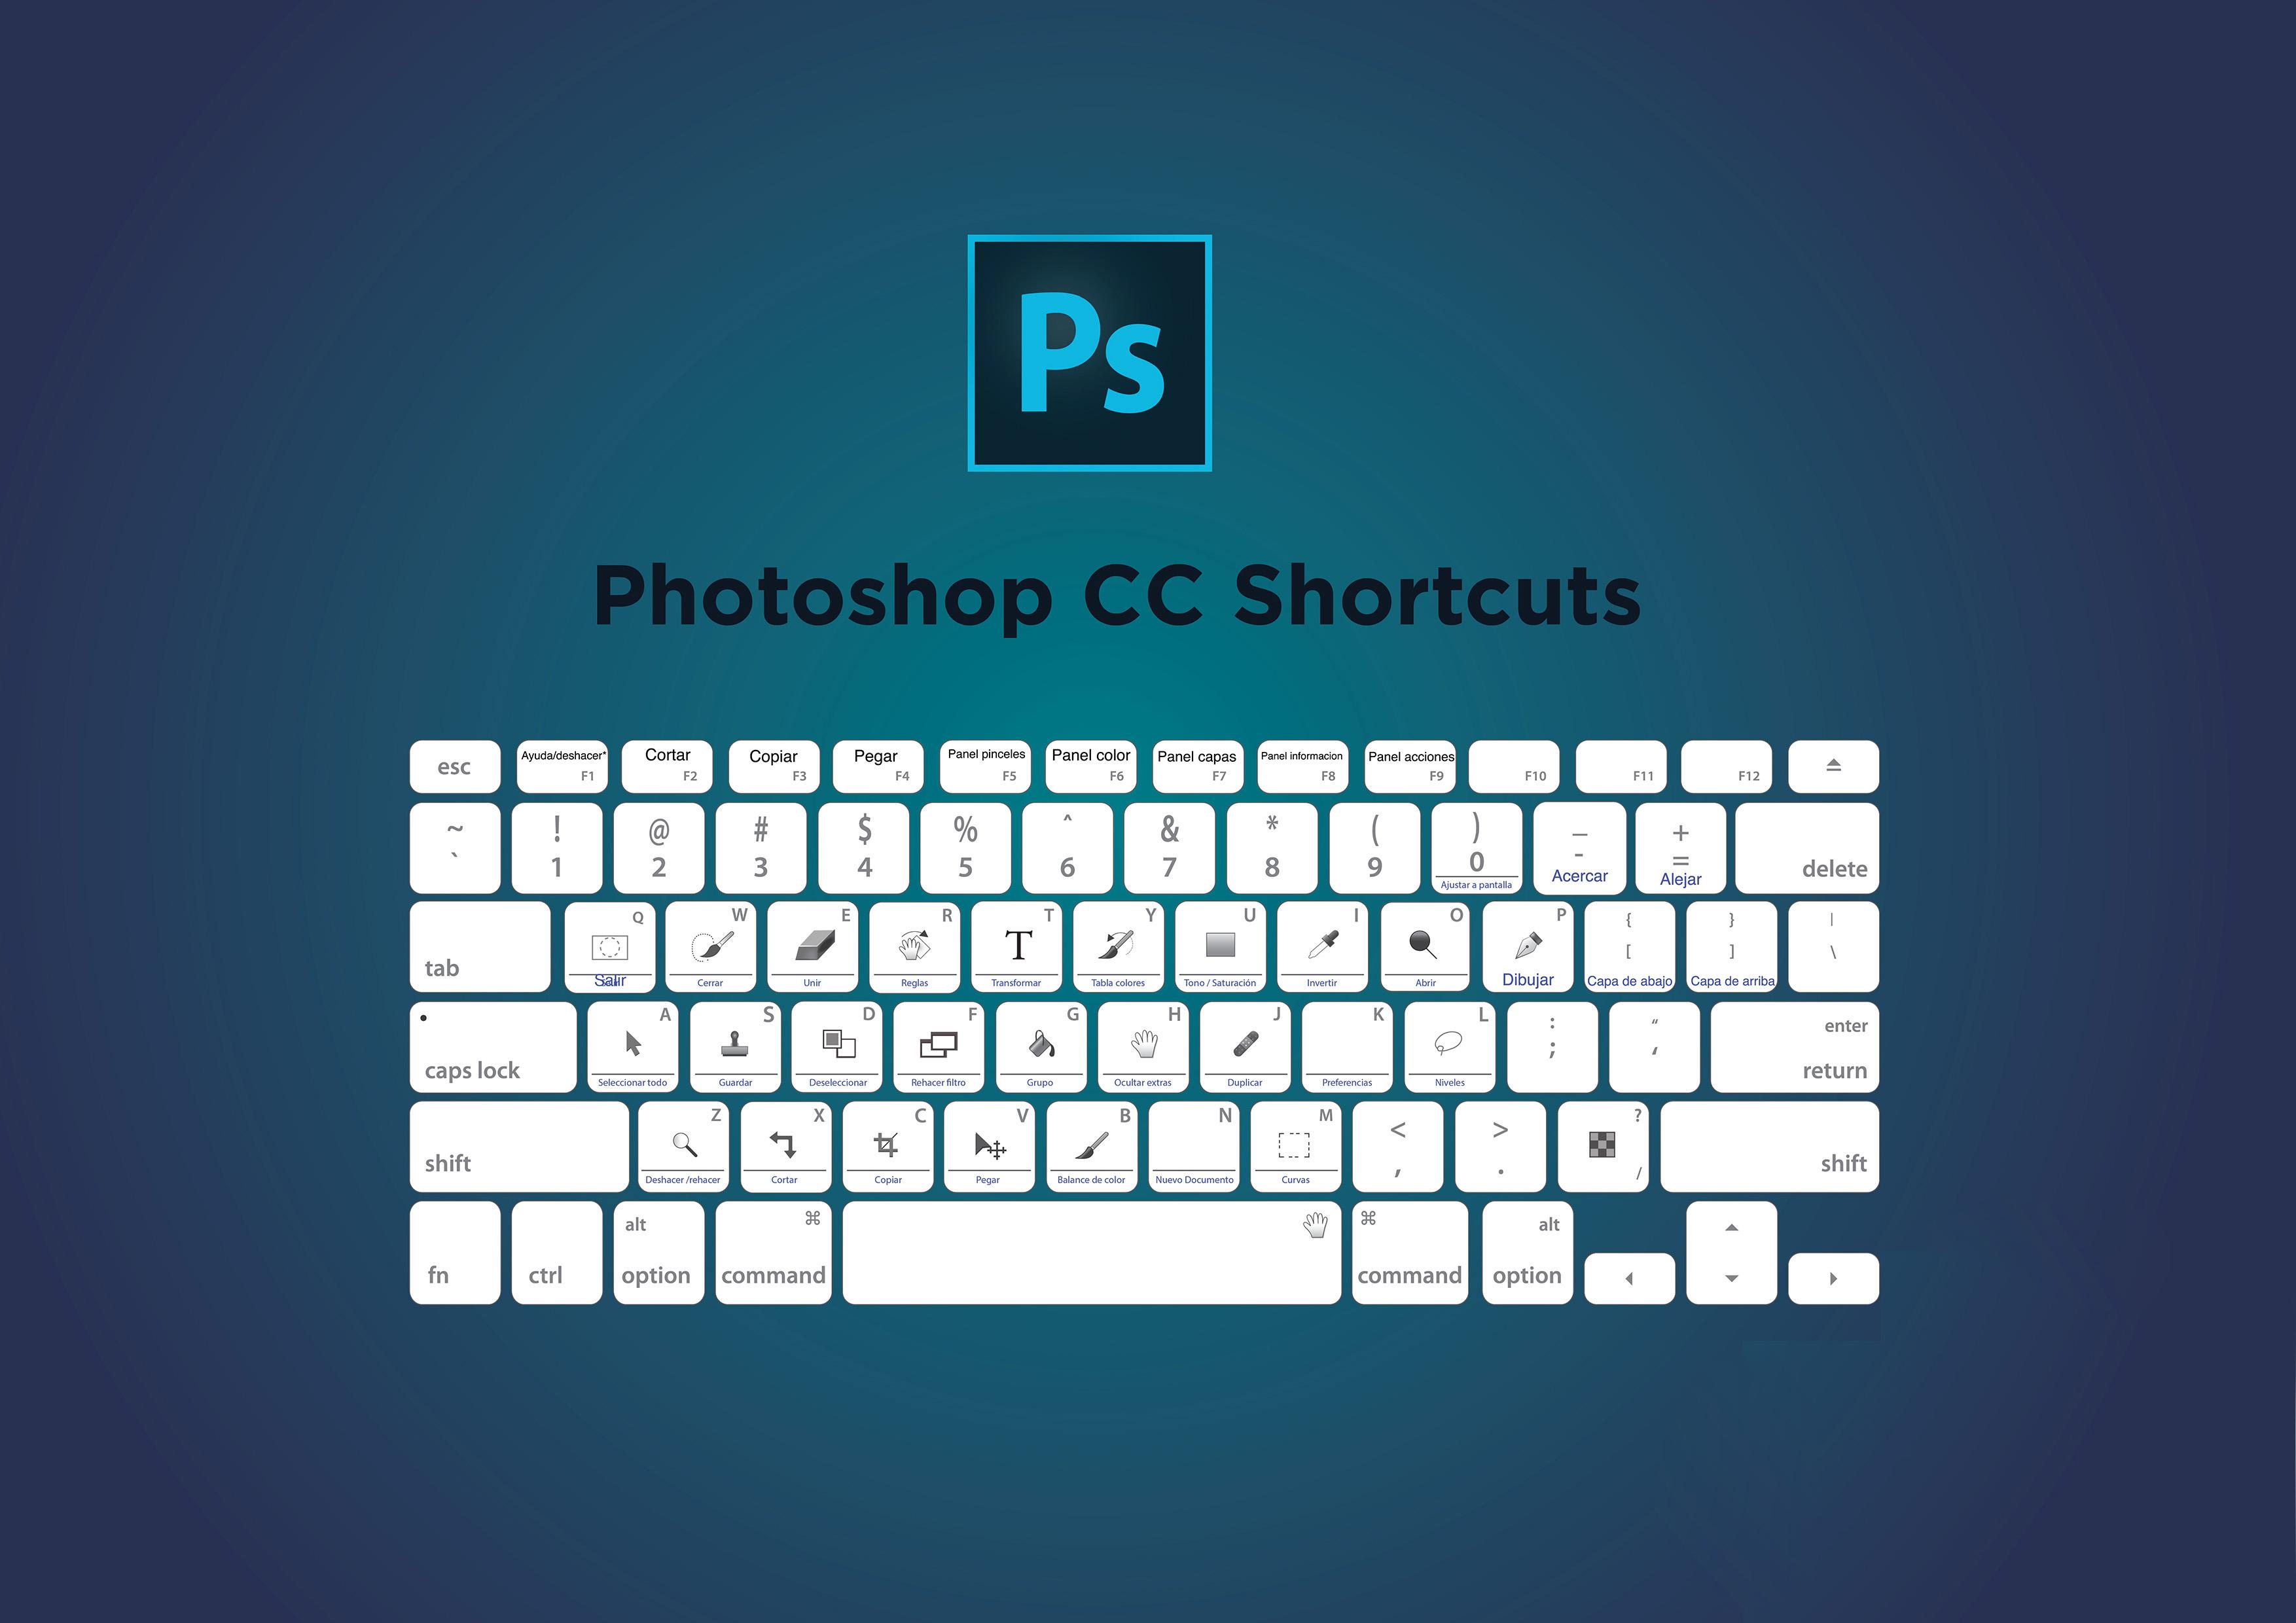 photoshop_cc_shortcuts